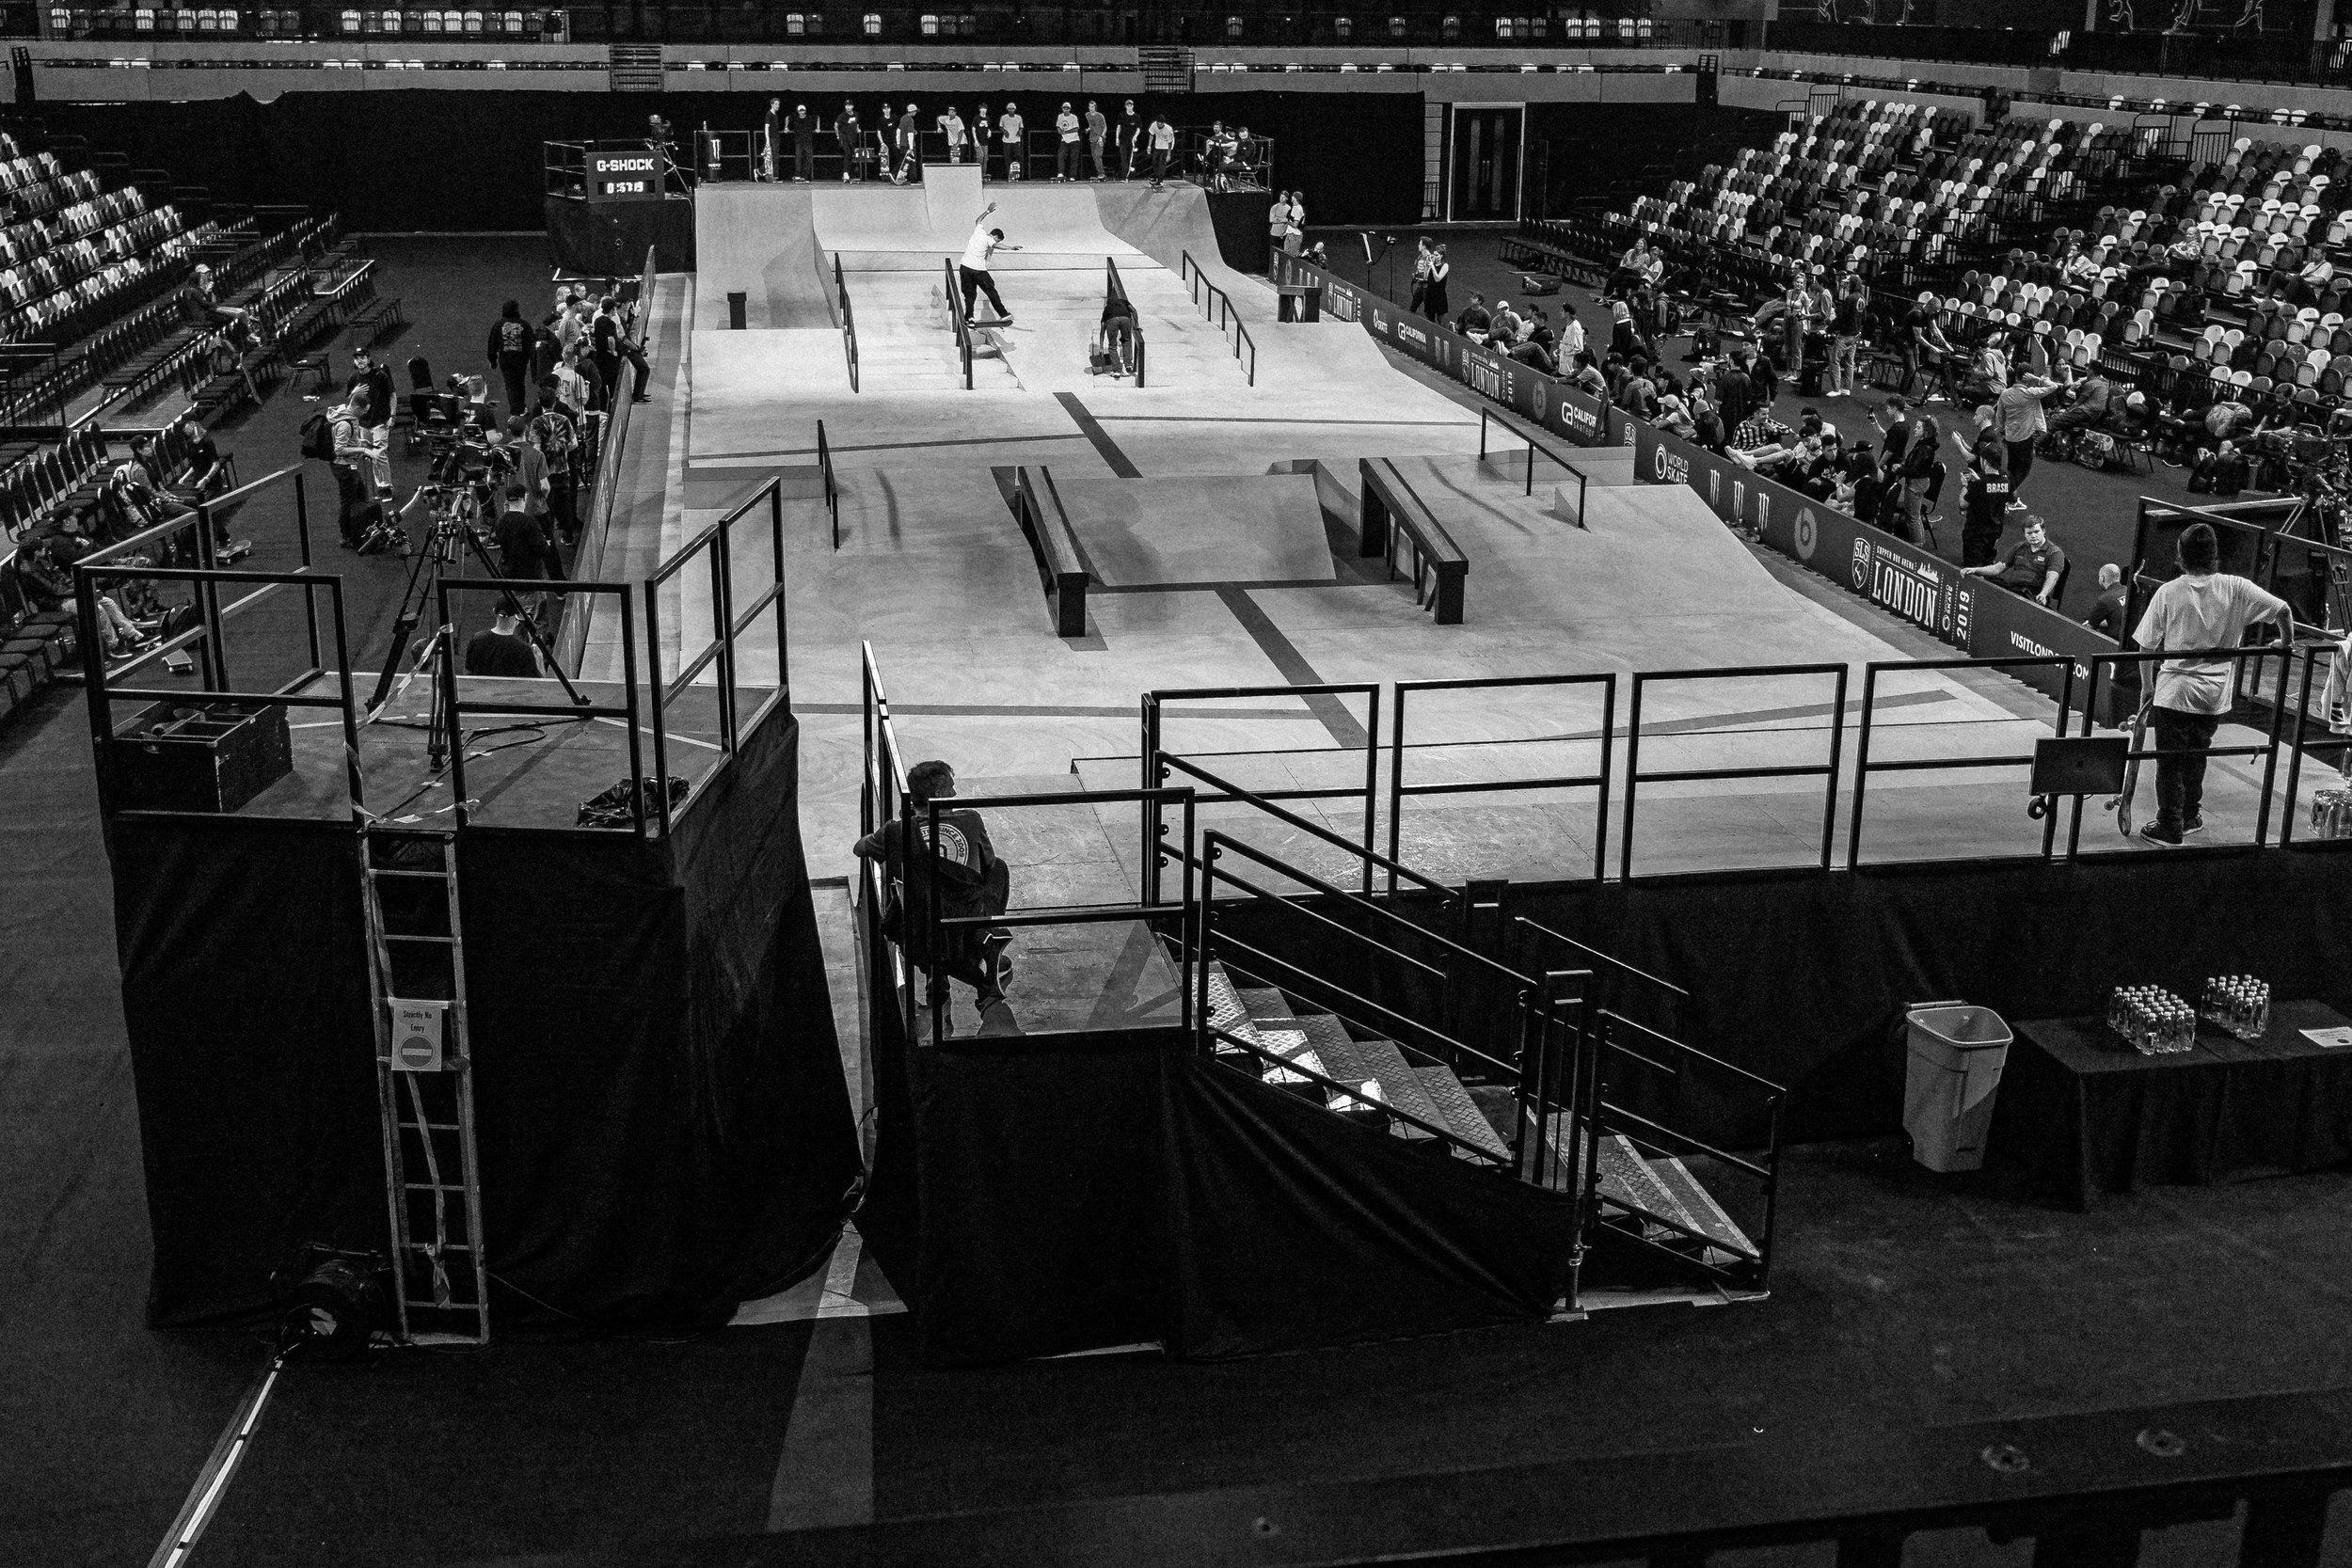 Skateboarding Copperbox Arena London